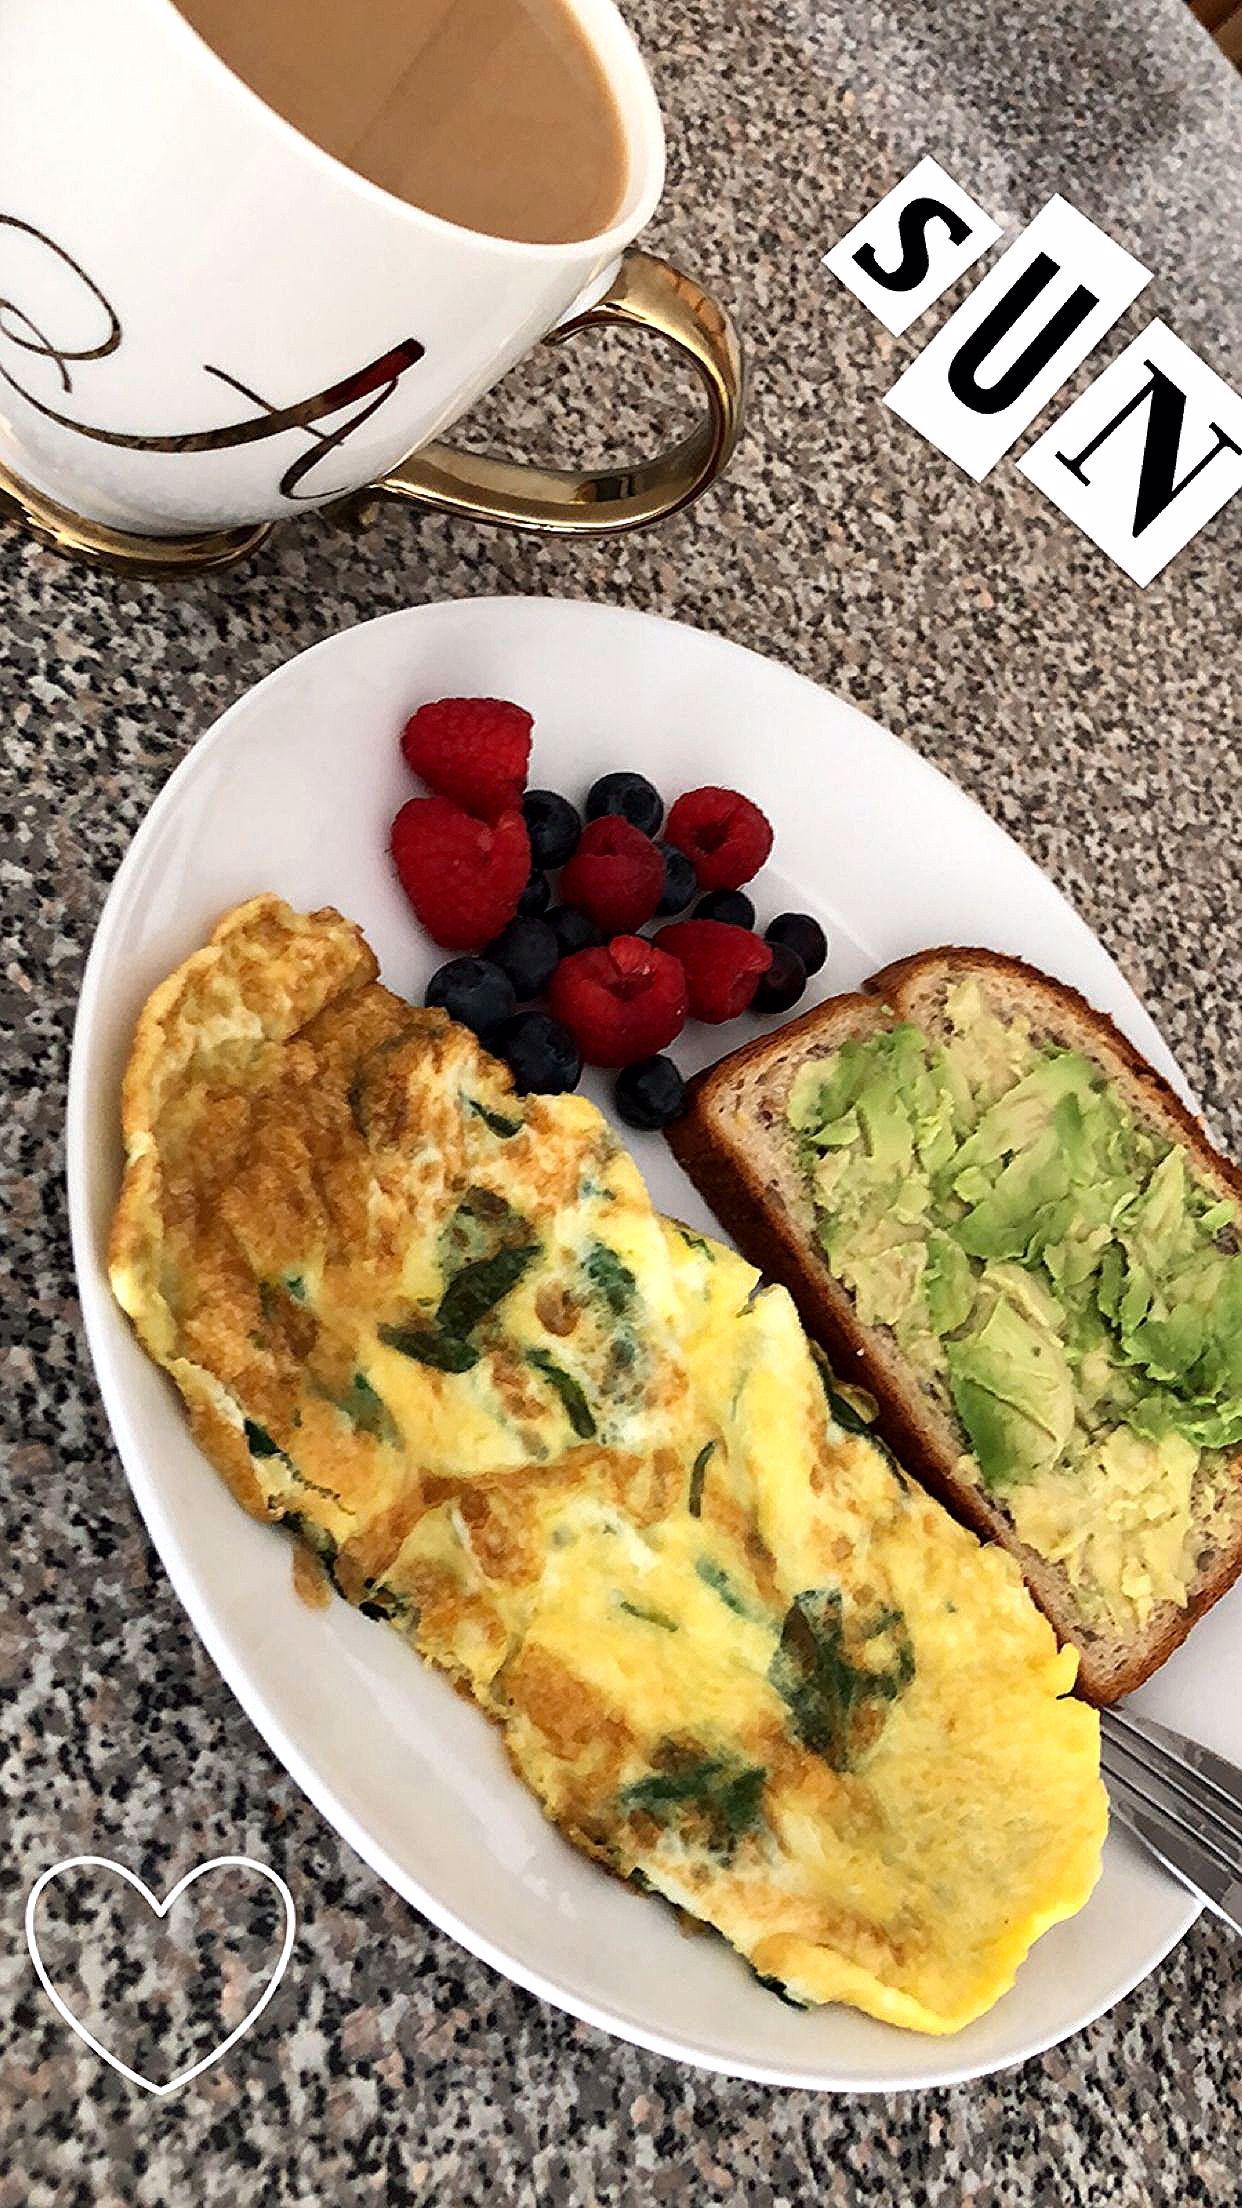 Gesundes Frühstück für die Ernährung